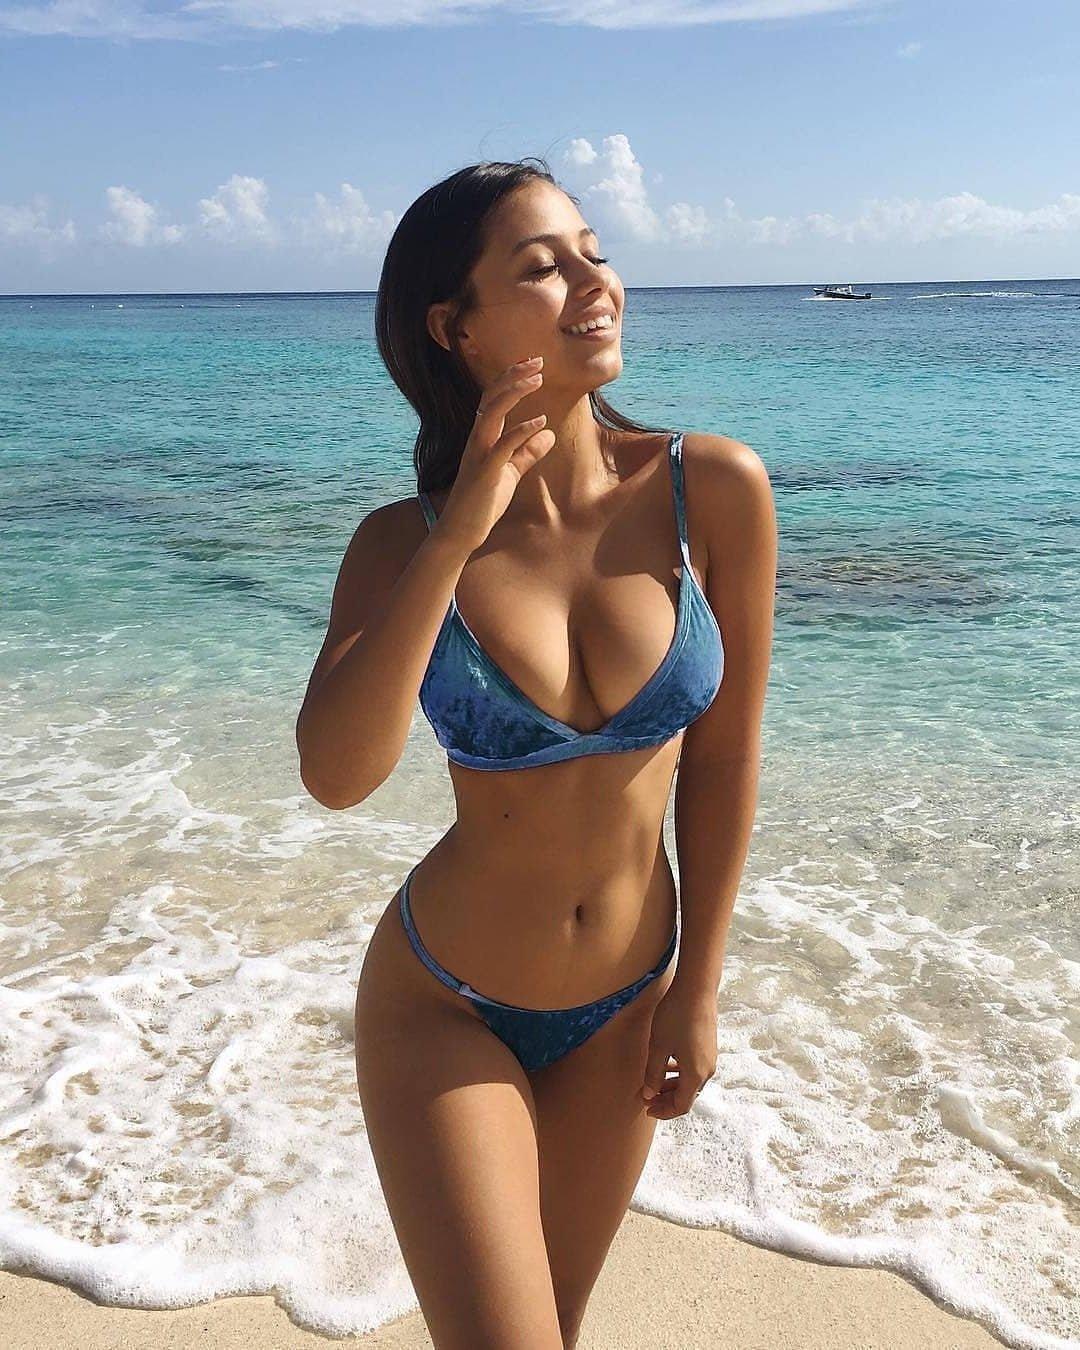 Красивые девушки из социальных сетей на пляже